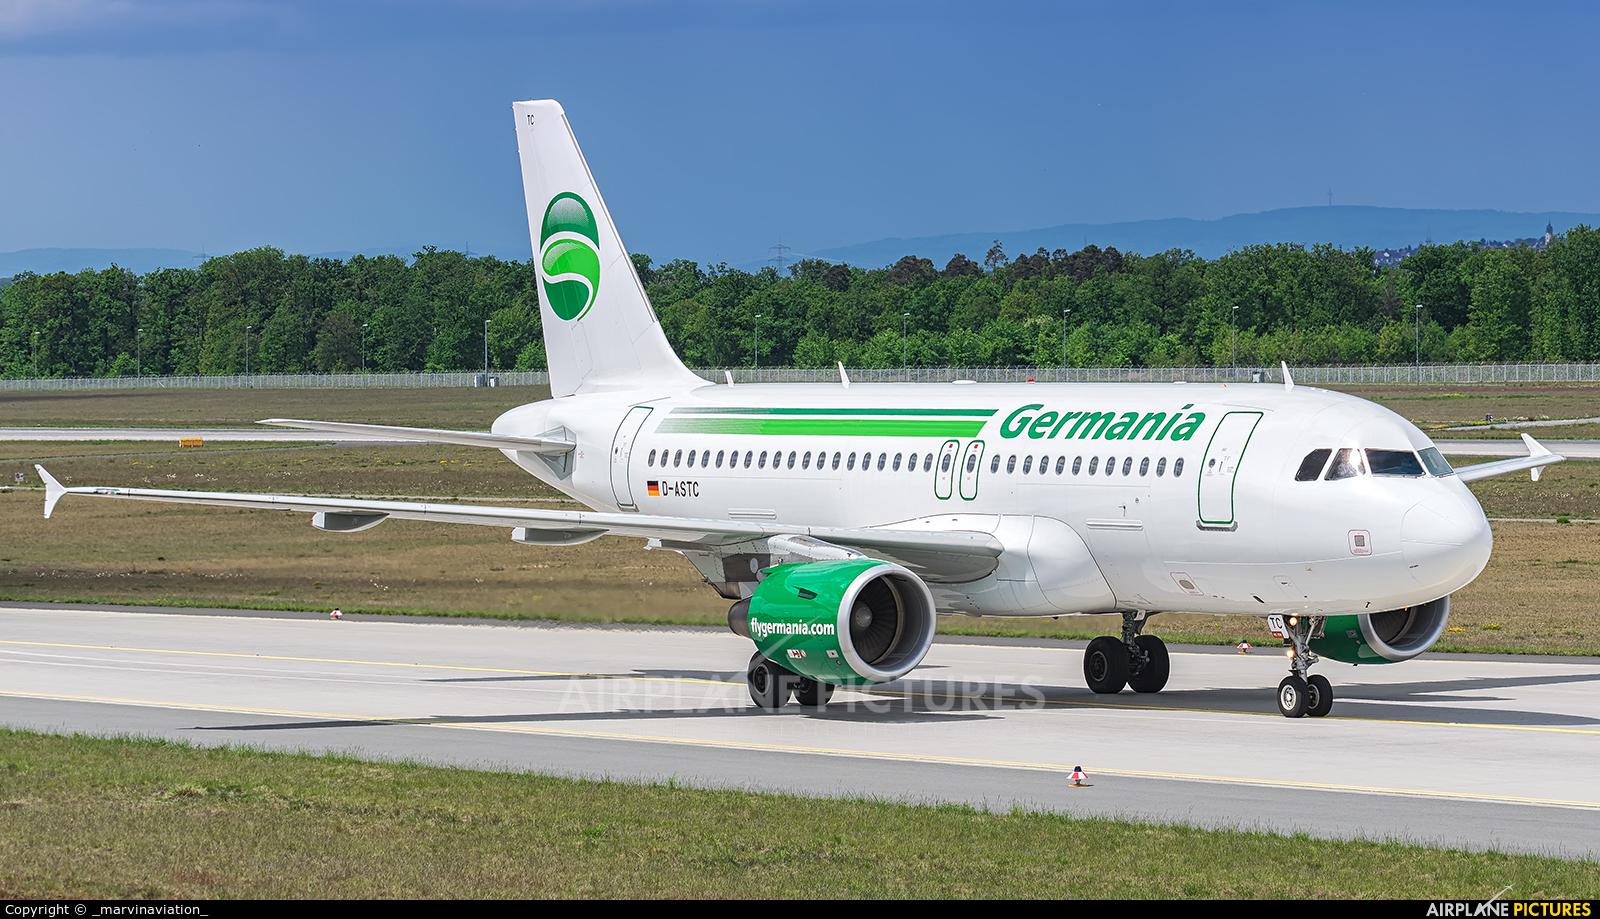 Germania D-ASTC aircraft at Frankfurt